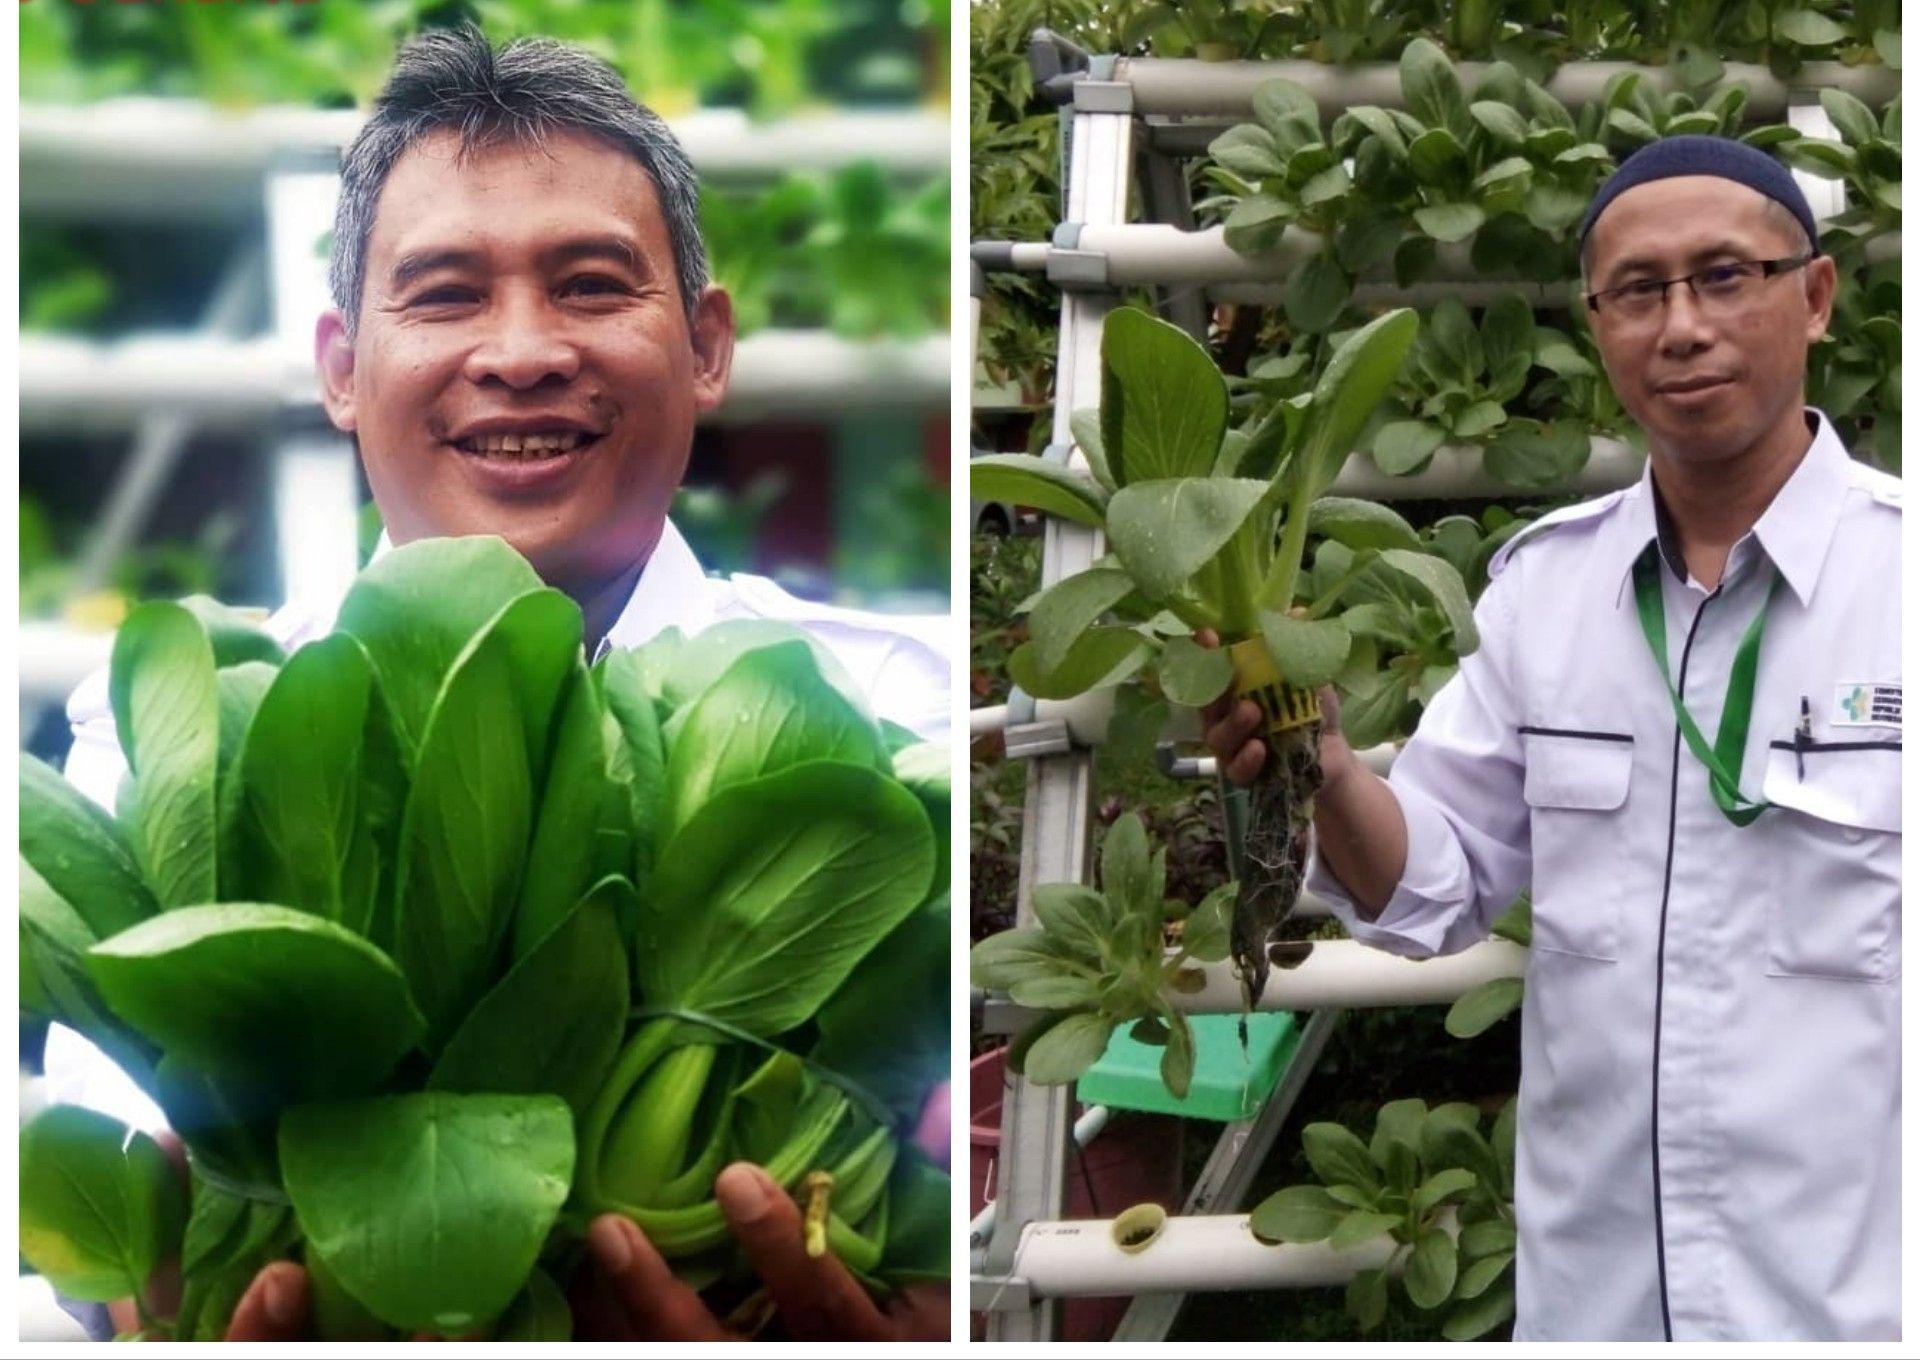 Deskripsi : 2 orang Pekerja Sosial, Agus Darmawan (kanan) & Syarifudin Satar (Kiri) I Sumber foto : dokpri